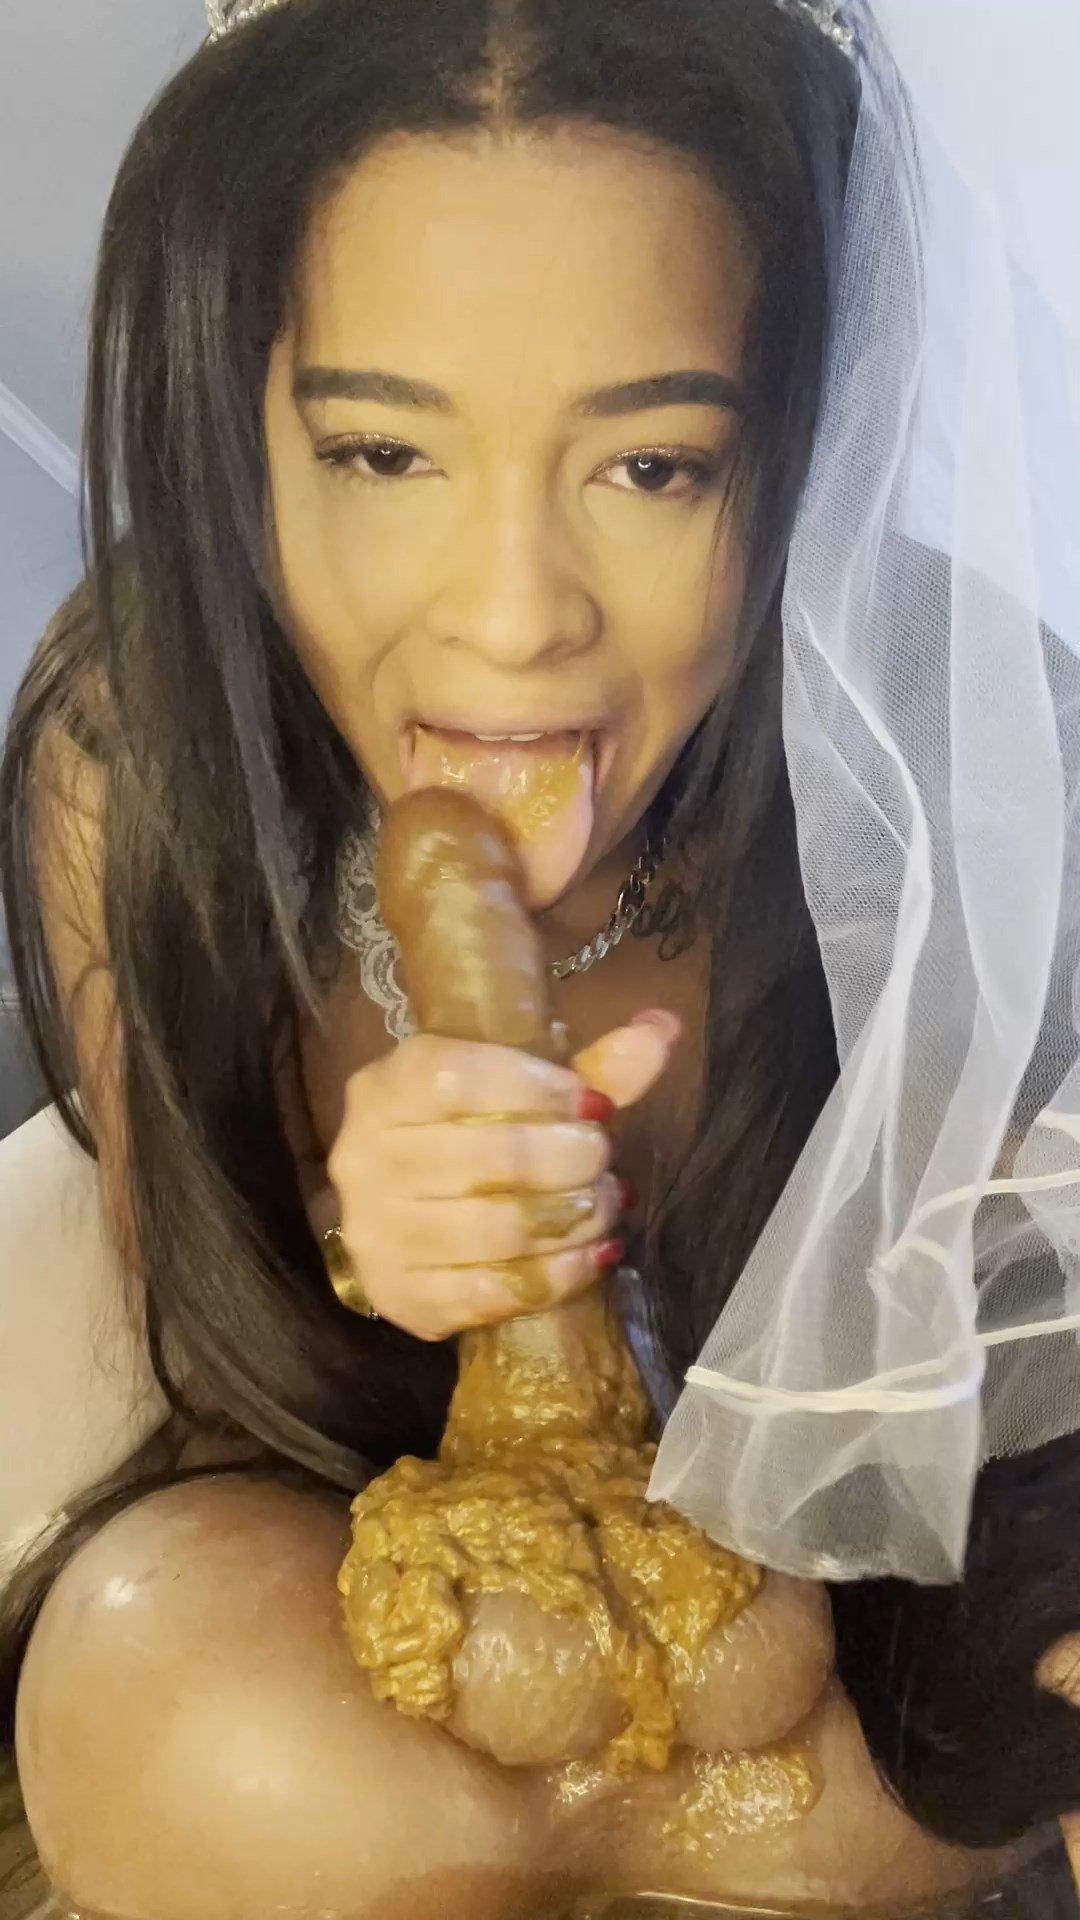 Nasty bride starring in video Cynthiagarcia1212 ($49.99 ScatShop) –  UltraHD/2K